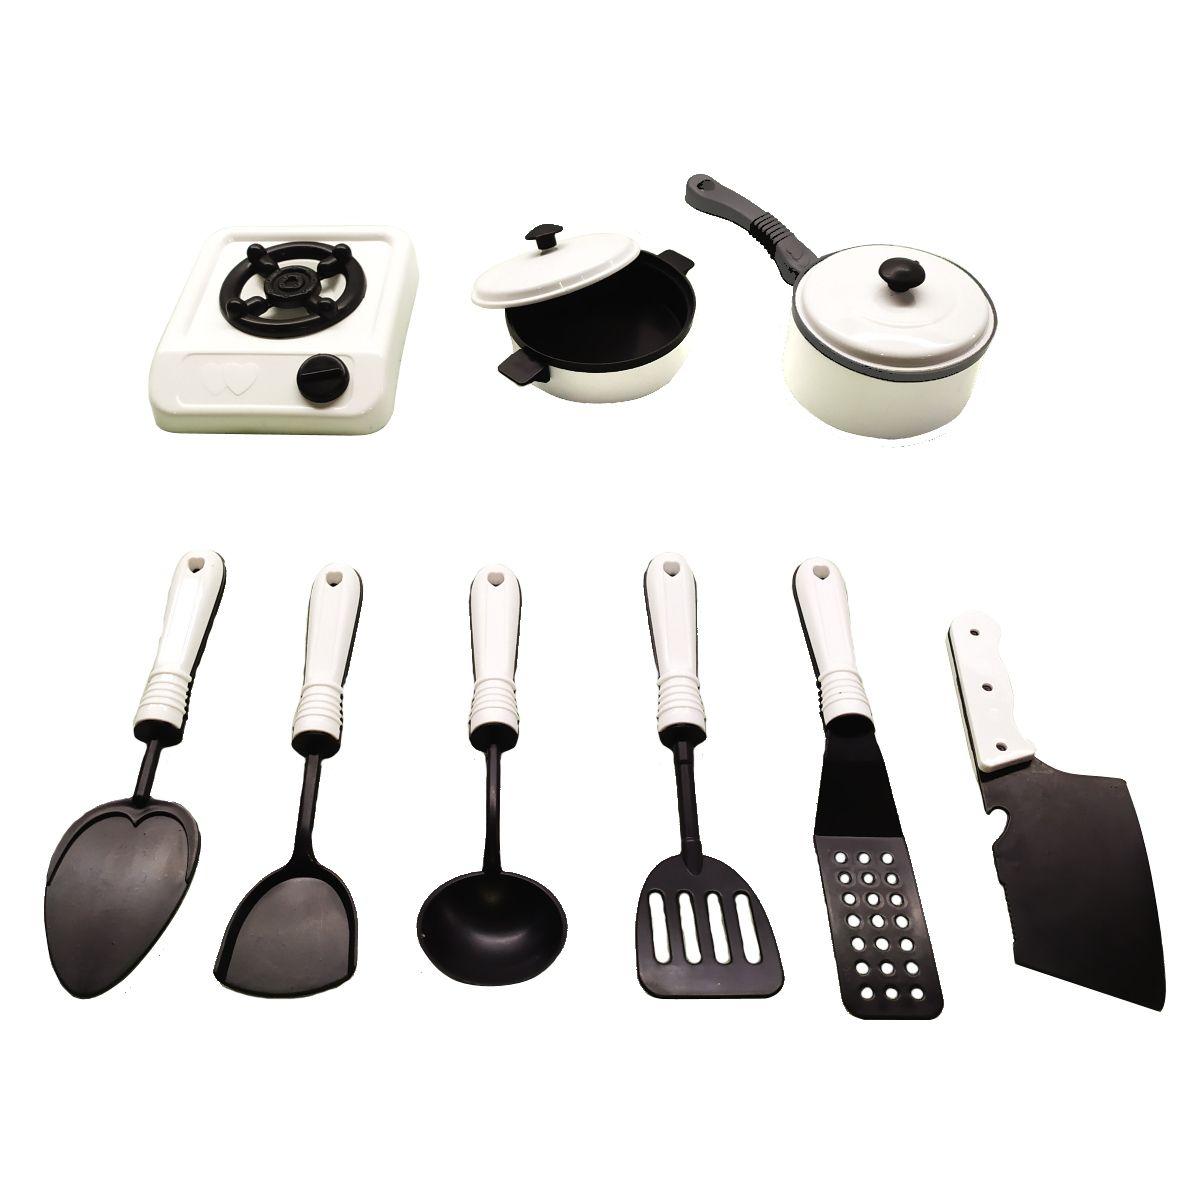 Kit Cozinha Panelinhas Com Fogão e utensílios Infantil com 11 Peças